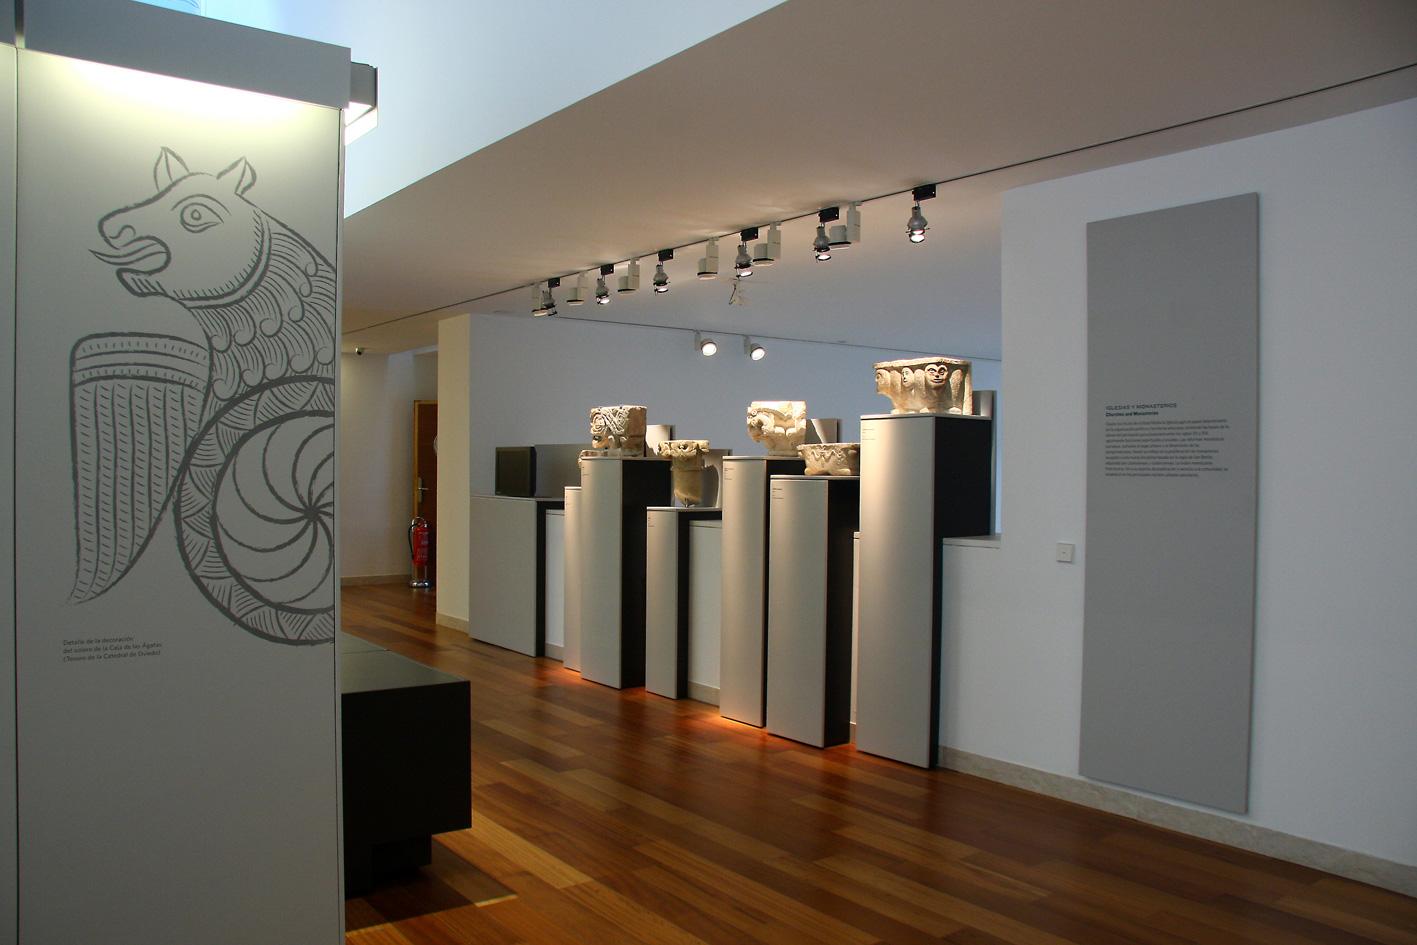 Museo_Arqueologico_Asturias_38.jpg